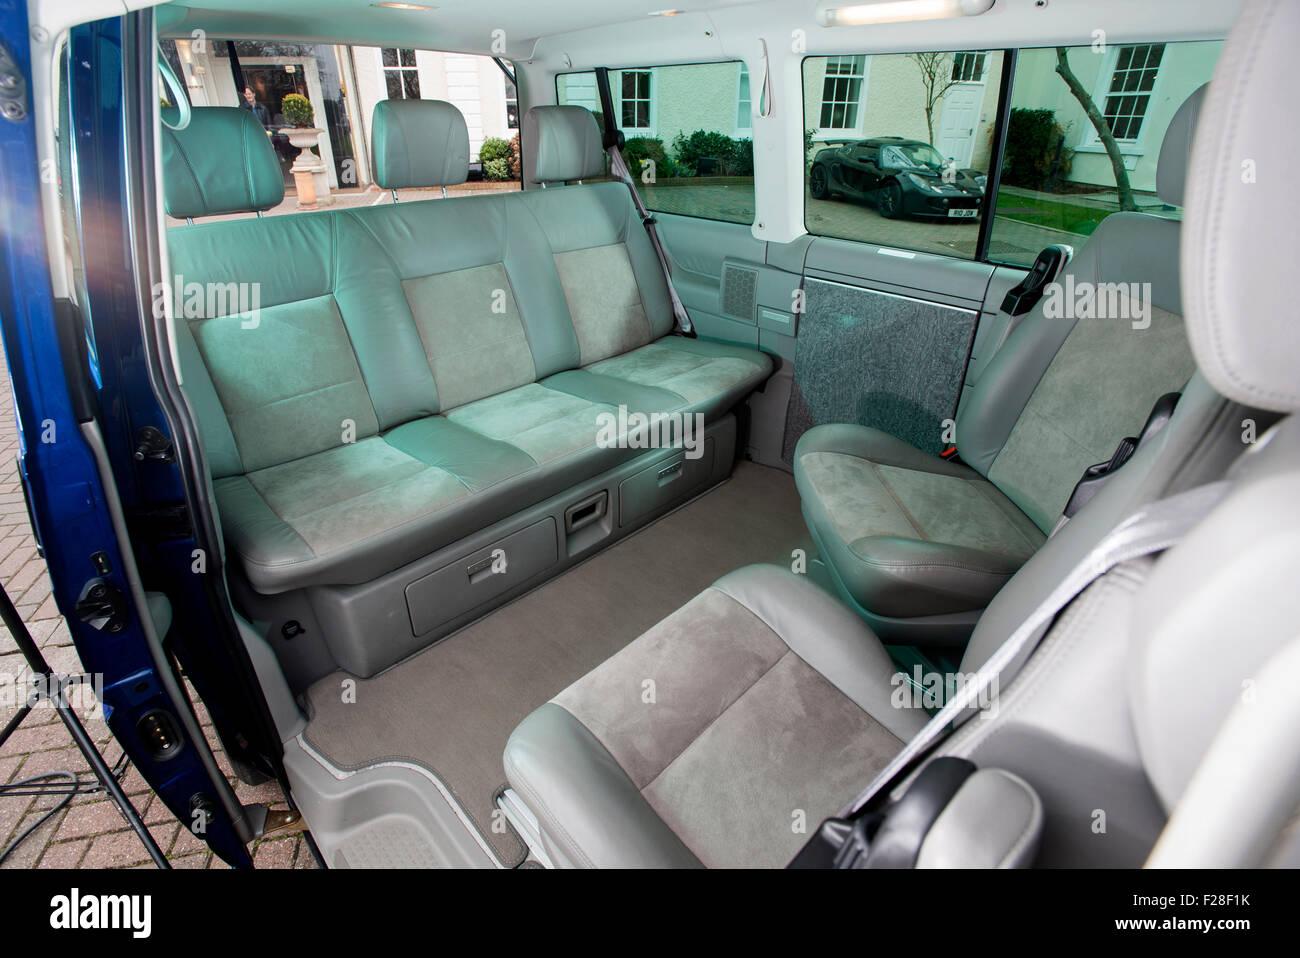 2001 Volkswagen T4 Camper van Interieur Stockfoto, Bild: 87468575 ...